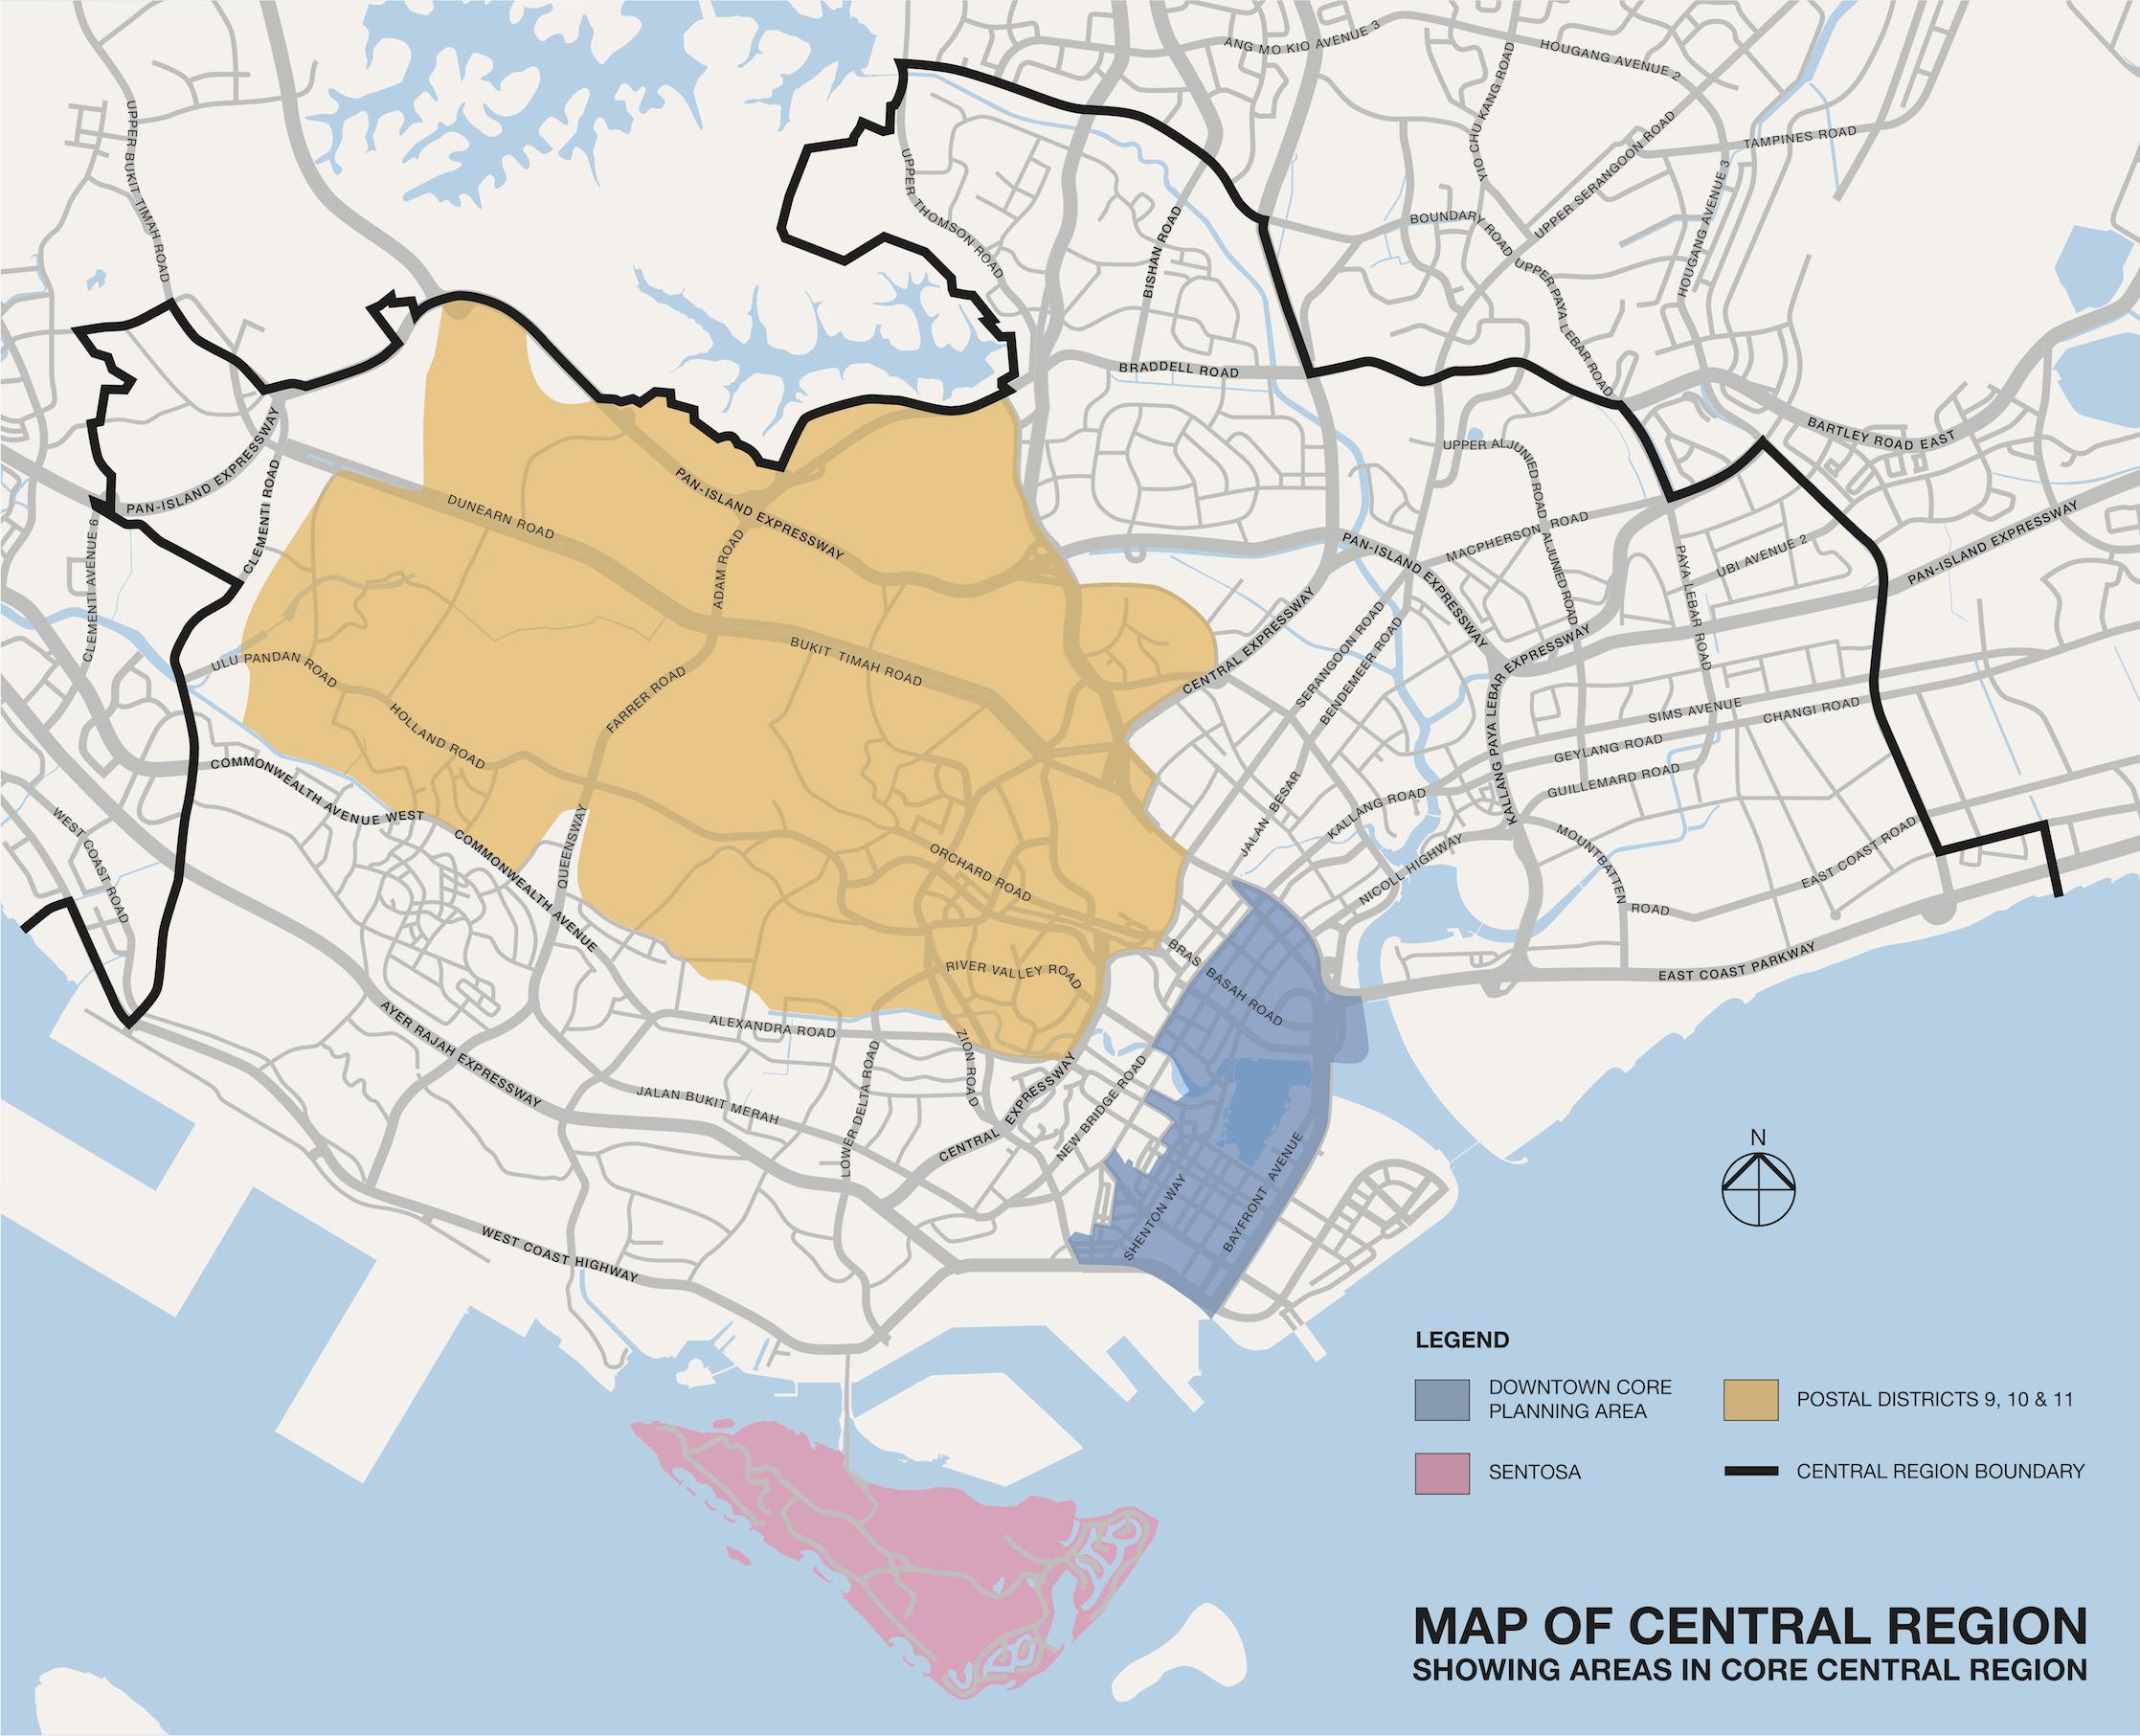 新加坡高端住宅市场和核心中央区地图 core central regin